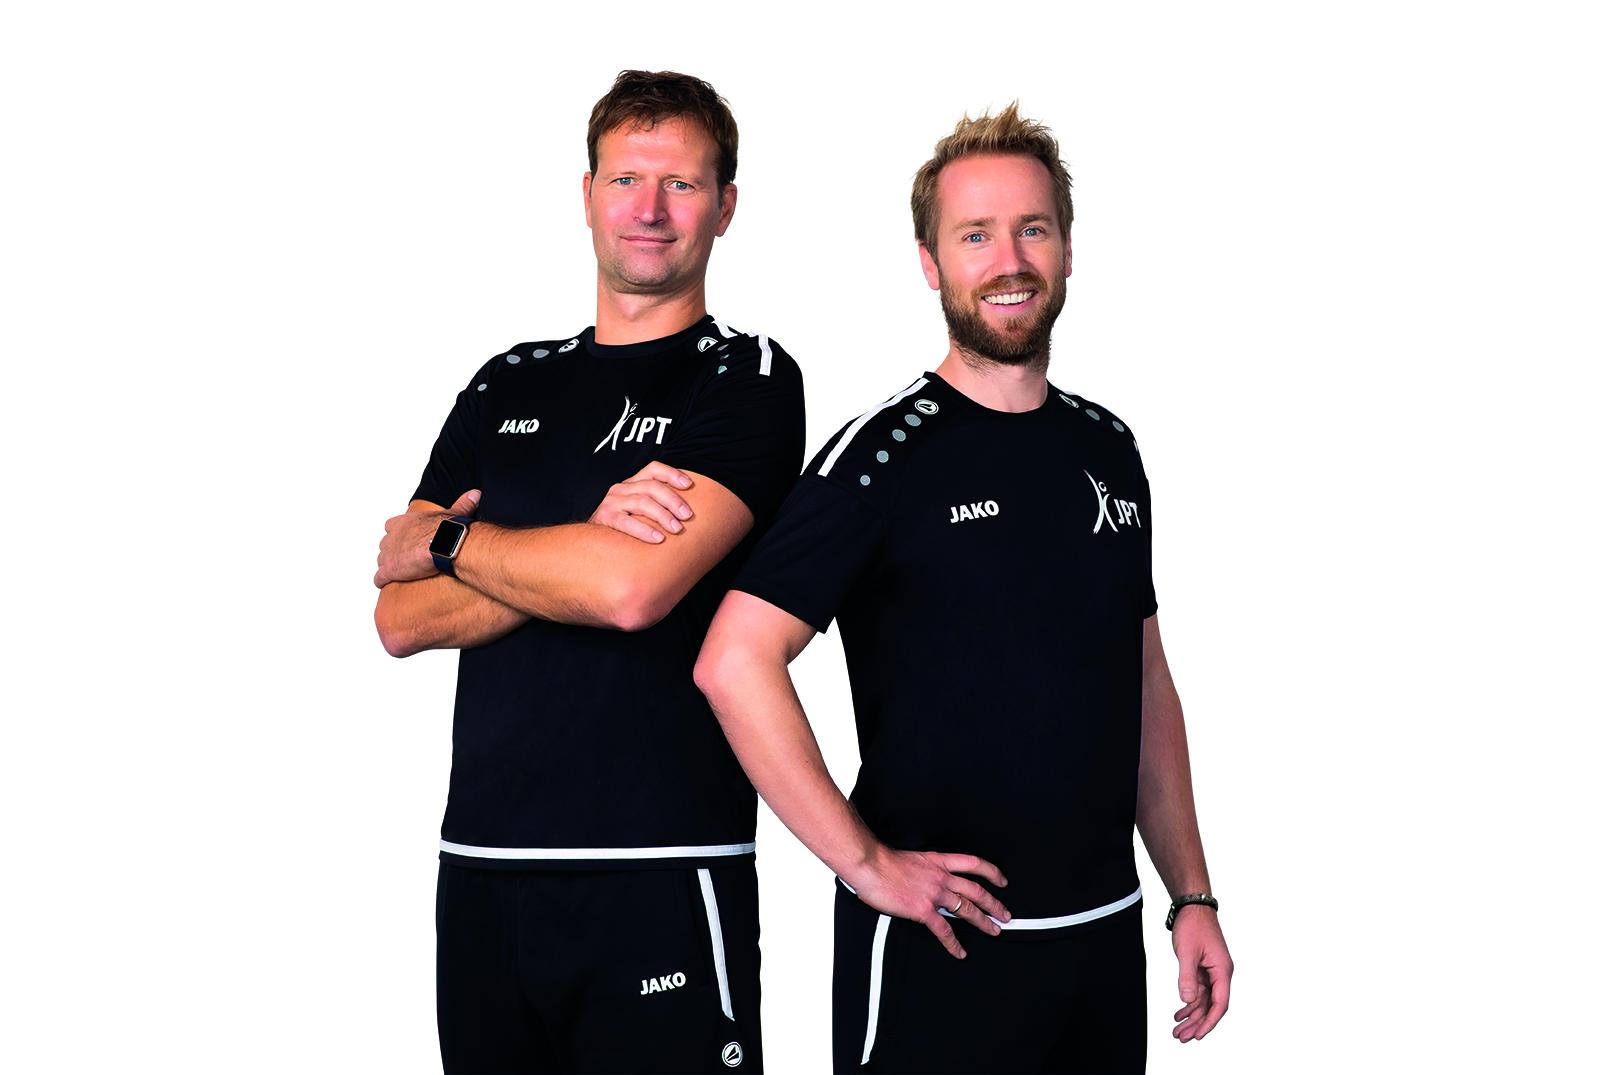 JPT Personal Training & Coaching 'voor een gezonde onderneming'